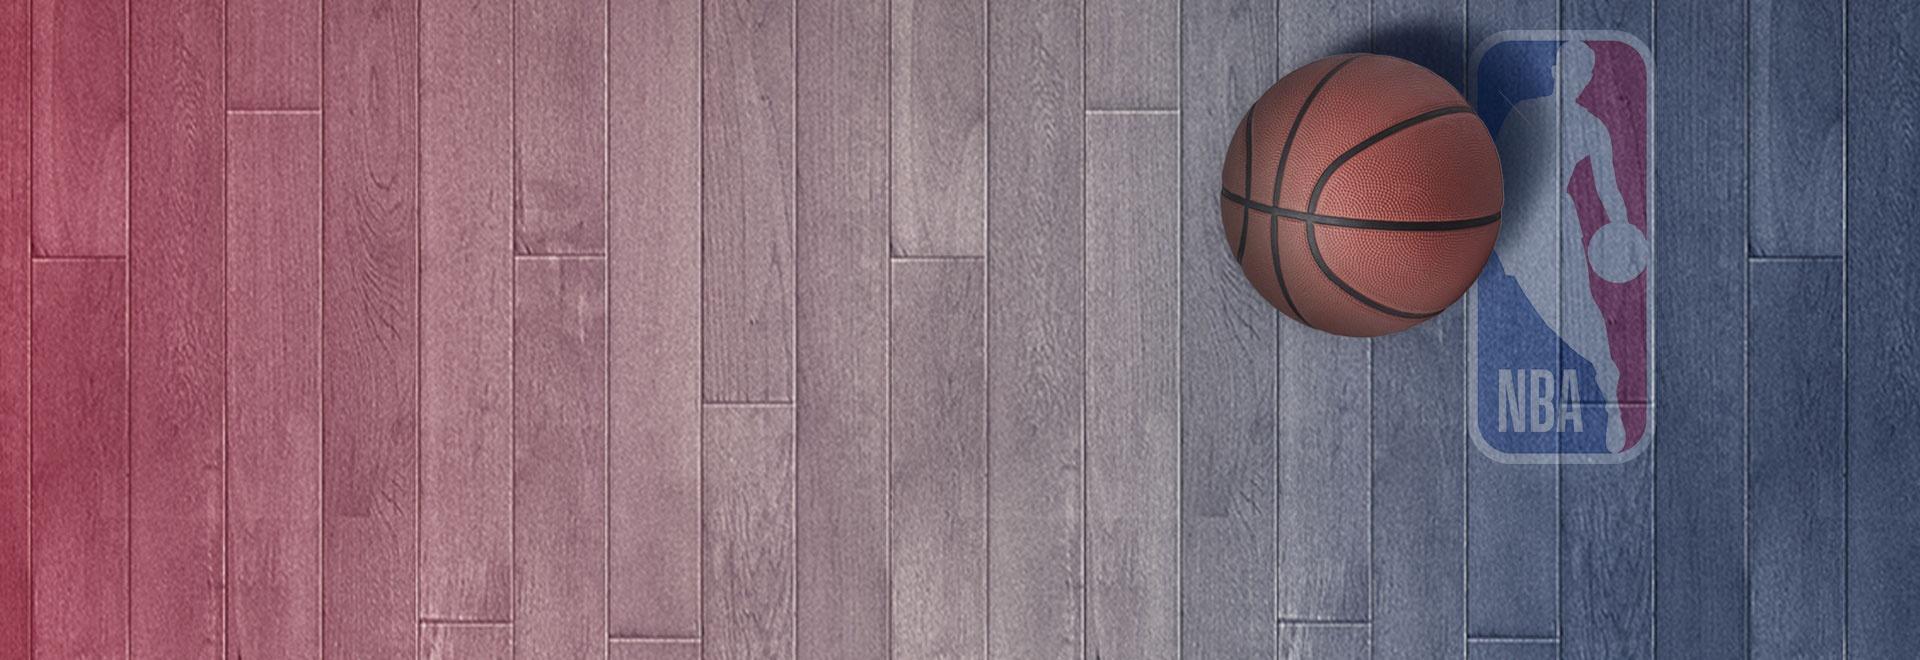 NBA Preview 2019